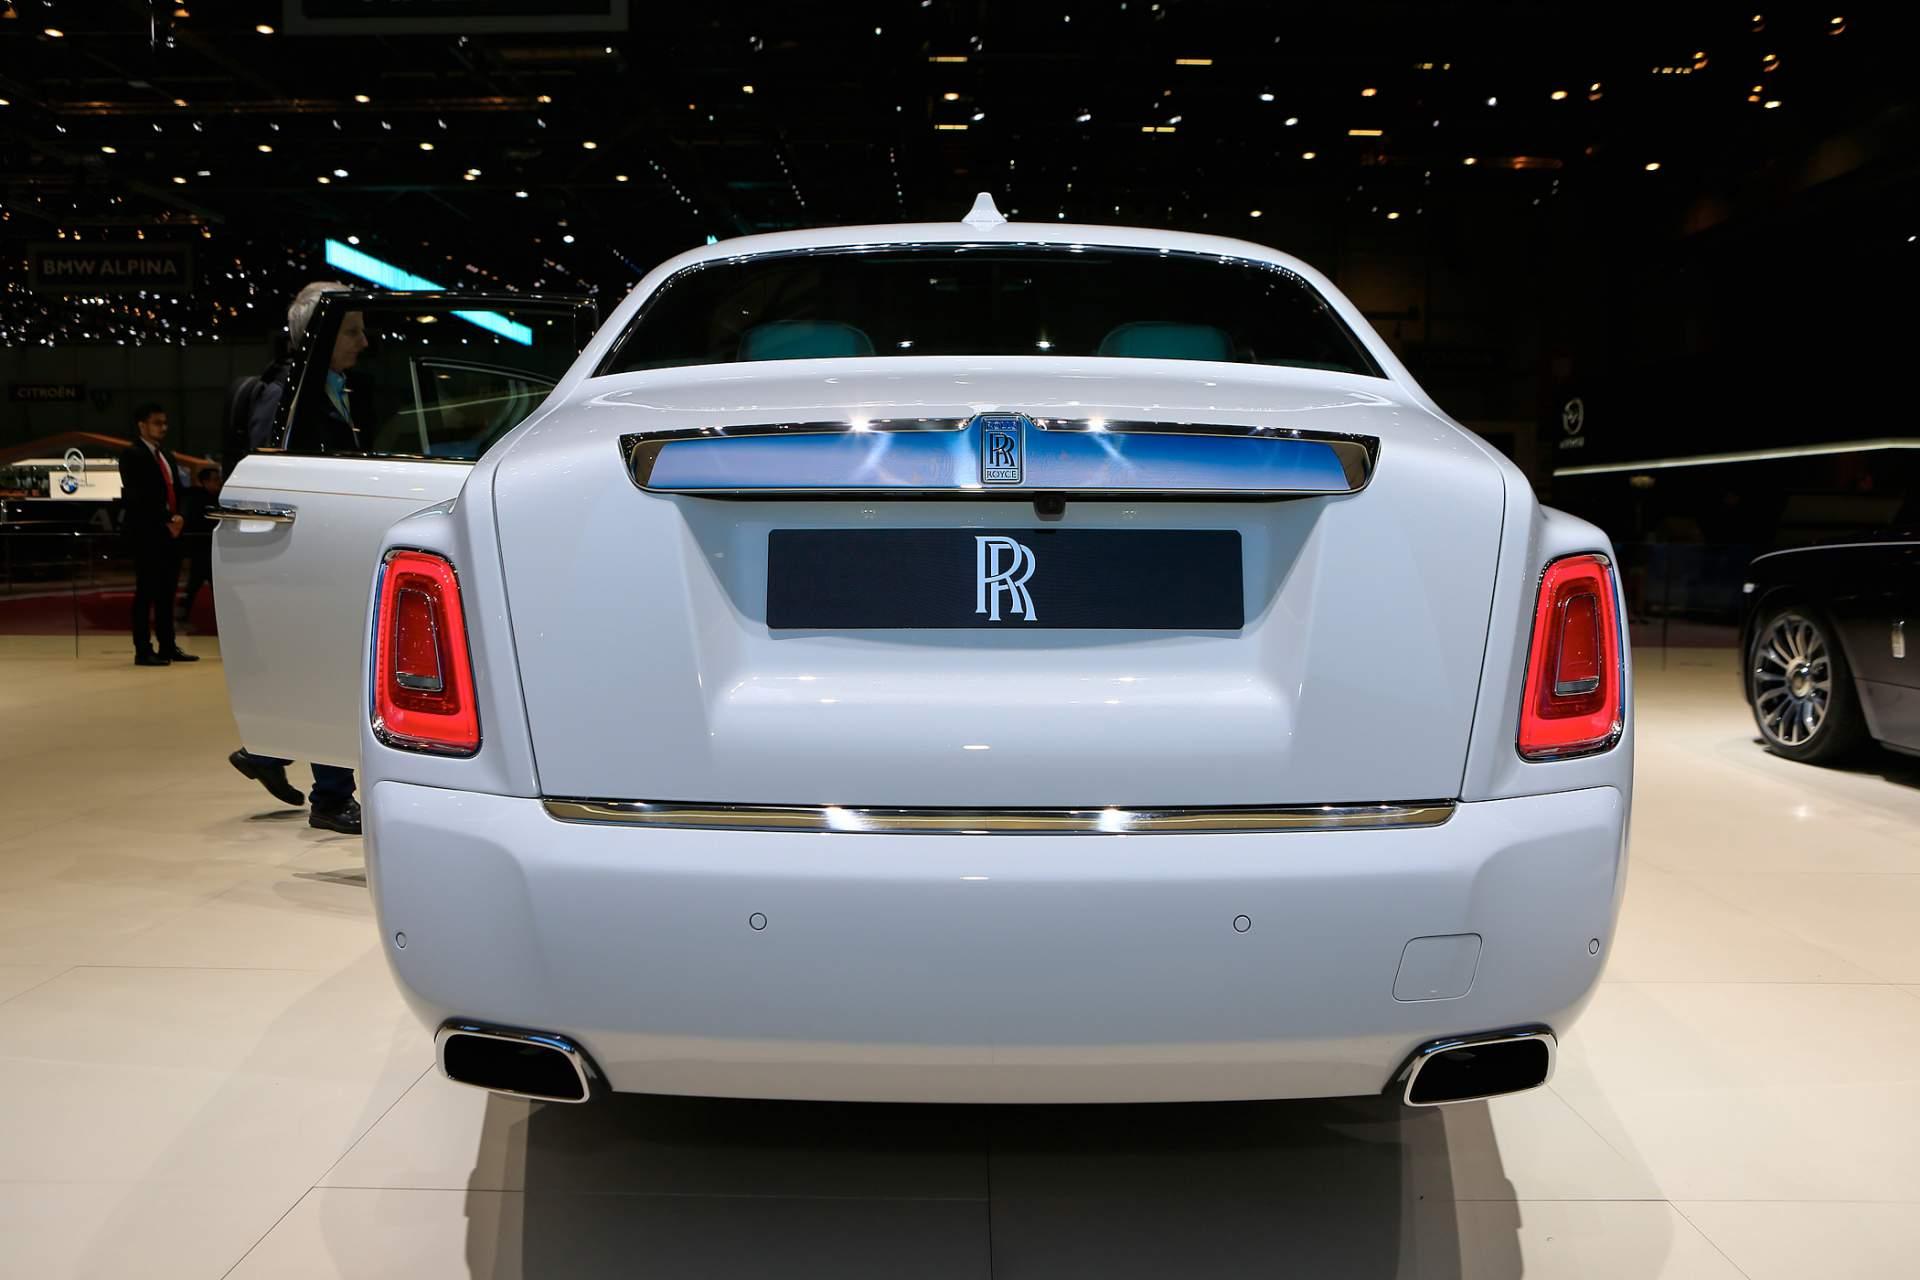 Rolls-Royce Phantom Tranquility lấy cảm hứng từ vũ trụ với nội thất đá thiên thạch - Photo 2